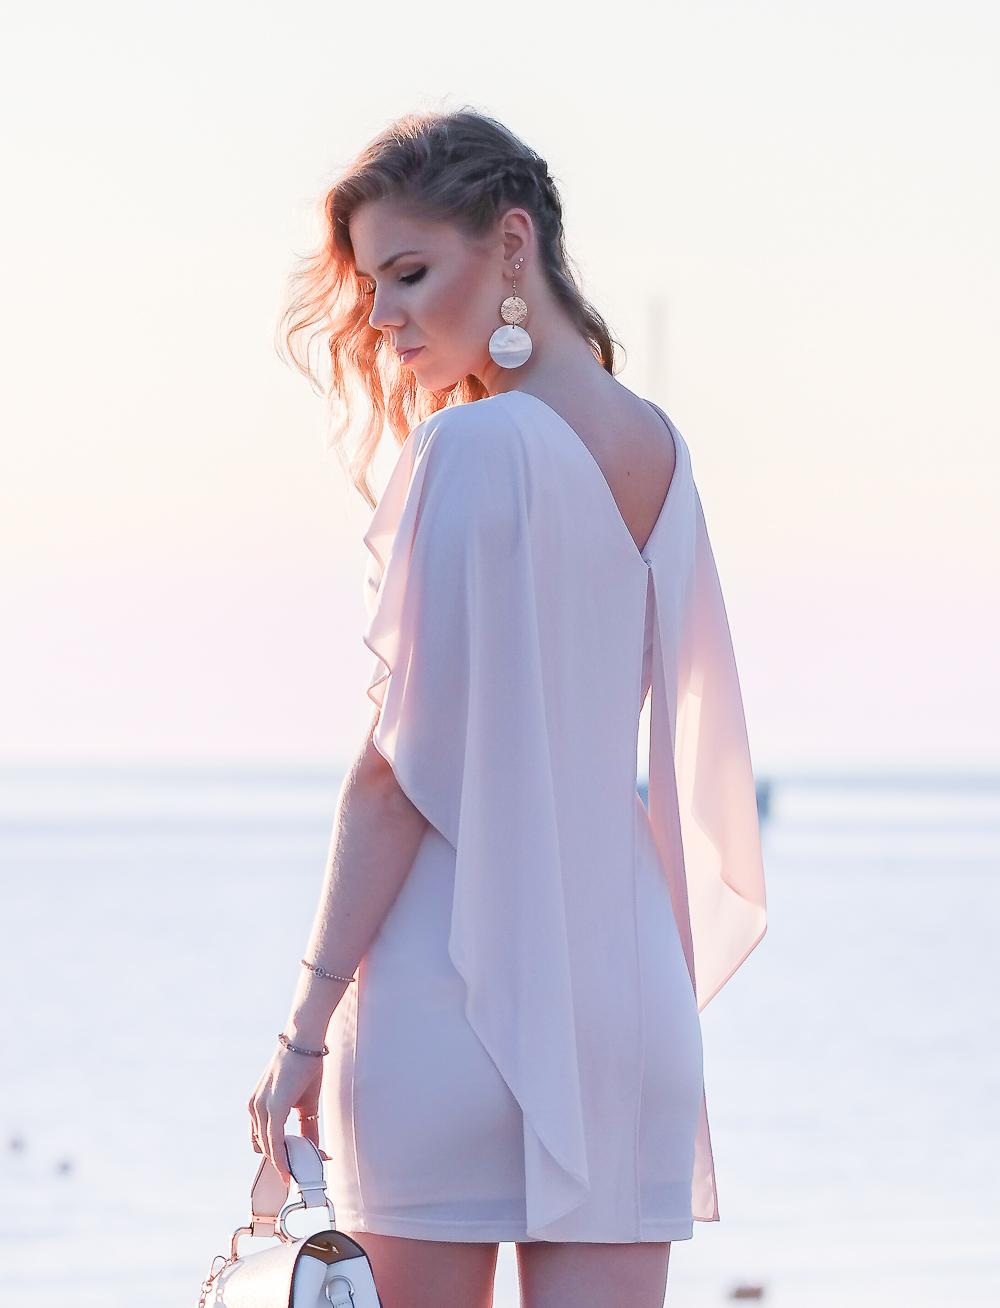 Das perfekte Abschlussball Kleid - Prom Night Inspiration - TheRubinRose